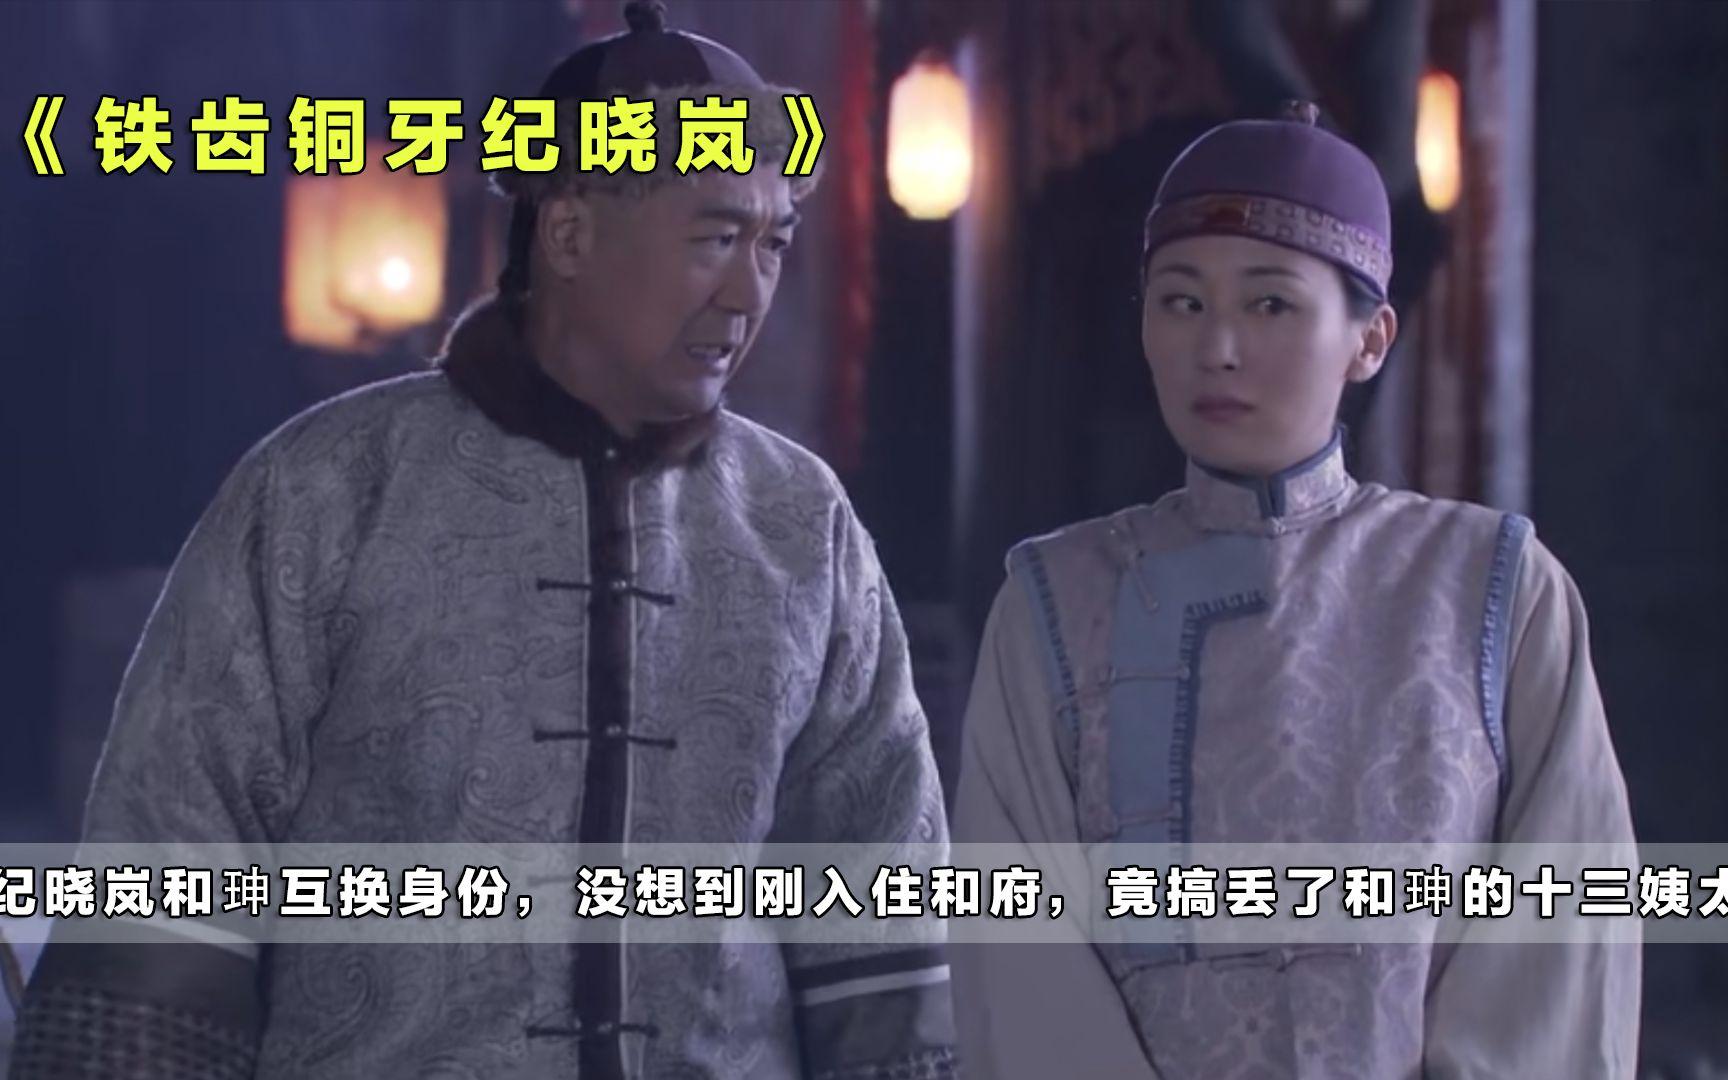 纪晓岚和珅互换身份,没想到刚入住和府,竟搞丢了和珅的十三姨太